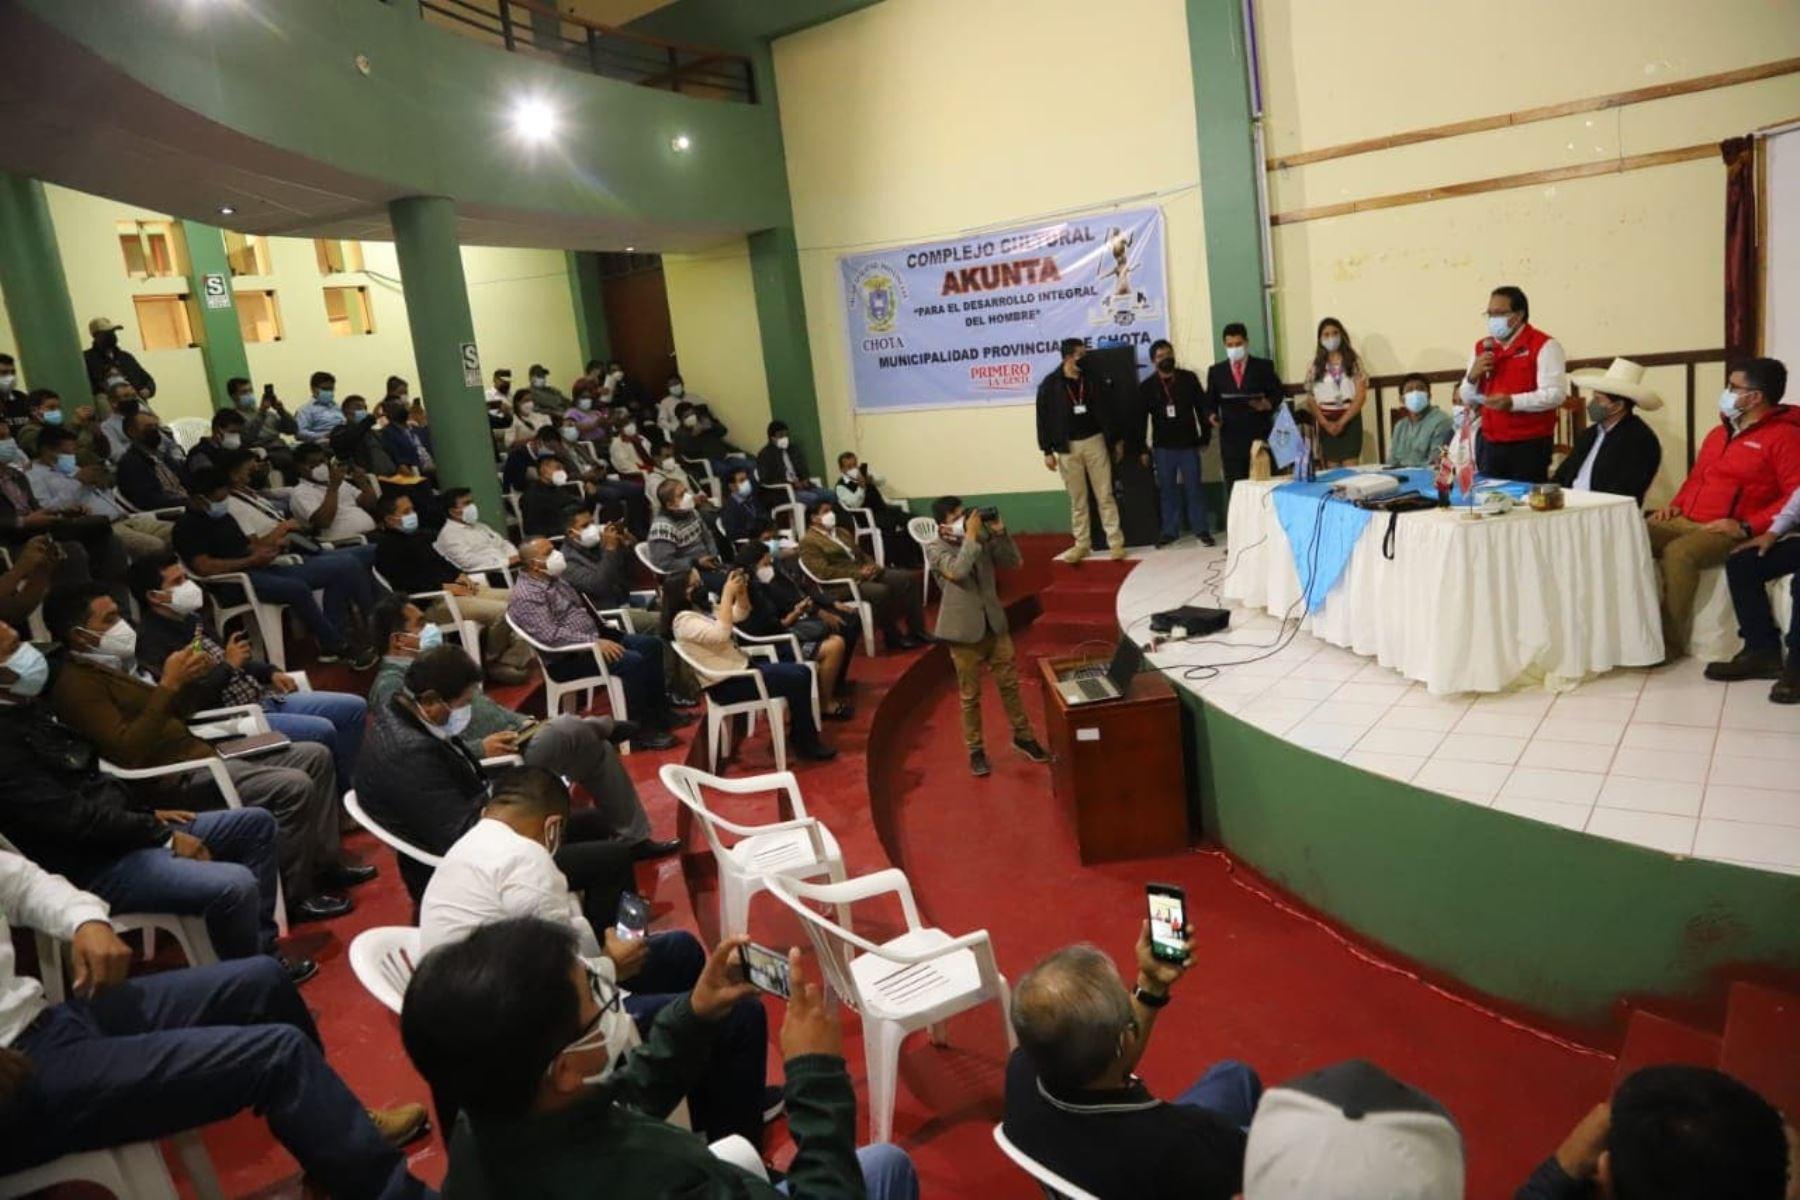 El presidente Pedro Castillo sostuvo un encuentro con los directivos, dirigentes y agricultores de más de 60 cooperativas de productos orgánicos del país en Chota, donde reafirmó el compromiso de fortalecer la capacidad exportadora de las comunidades campesinas del Perú. Foto: Prensa Presidencia